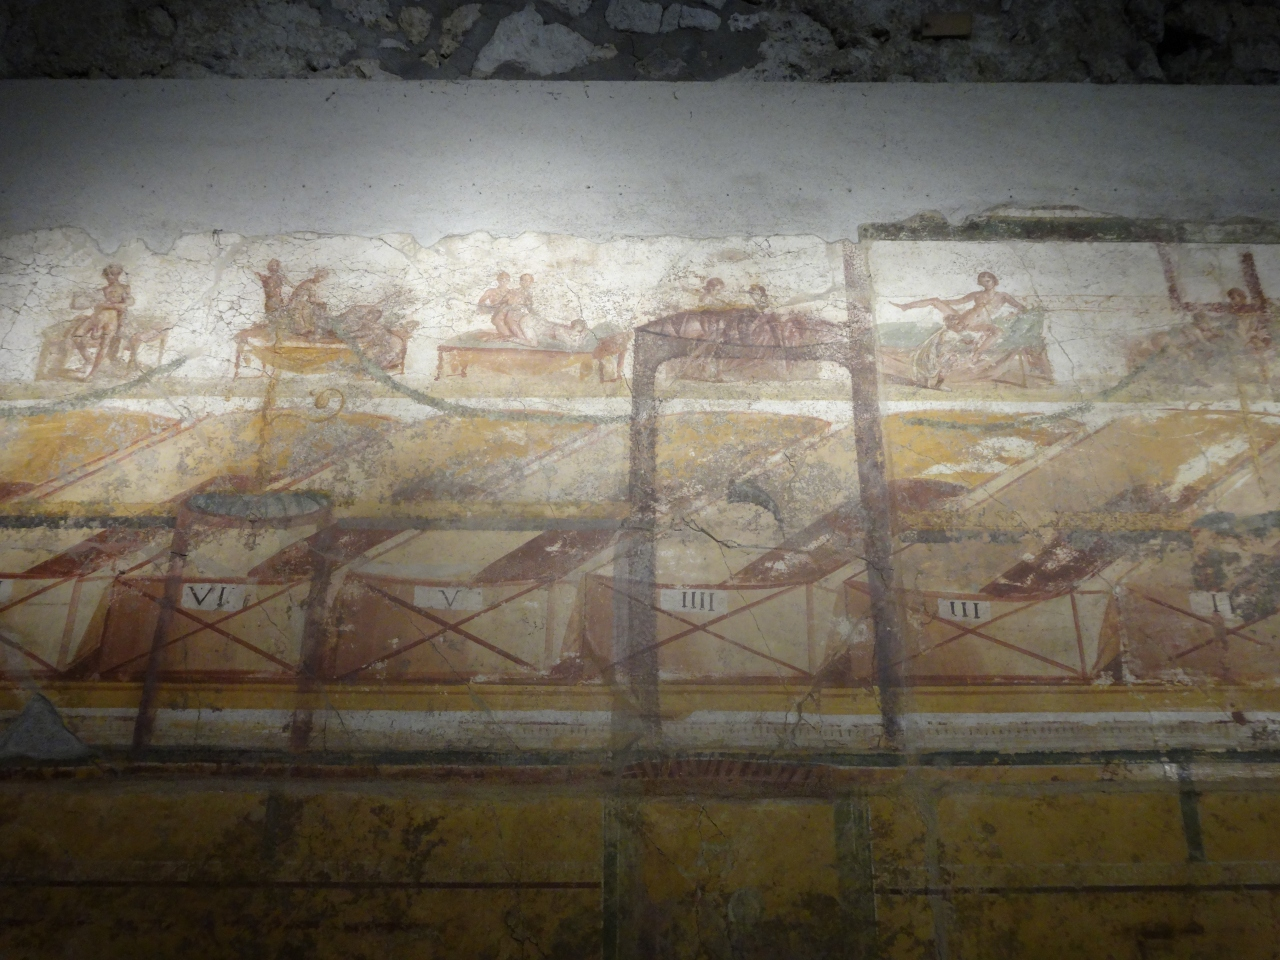 ポンペイ、ヘルクラネウム及びトッレ・アンヌンツィアータの遺跡地域の画像 p1_3